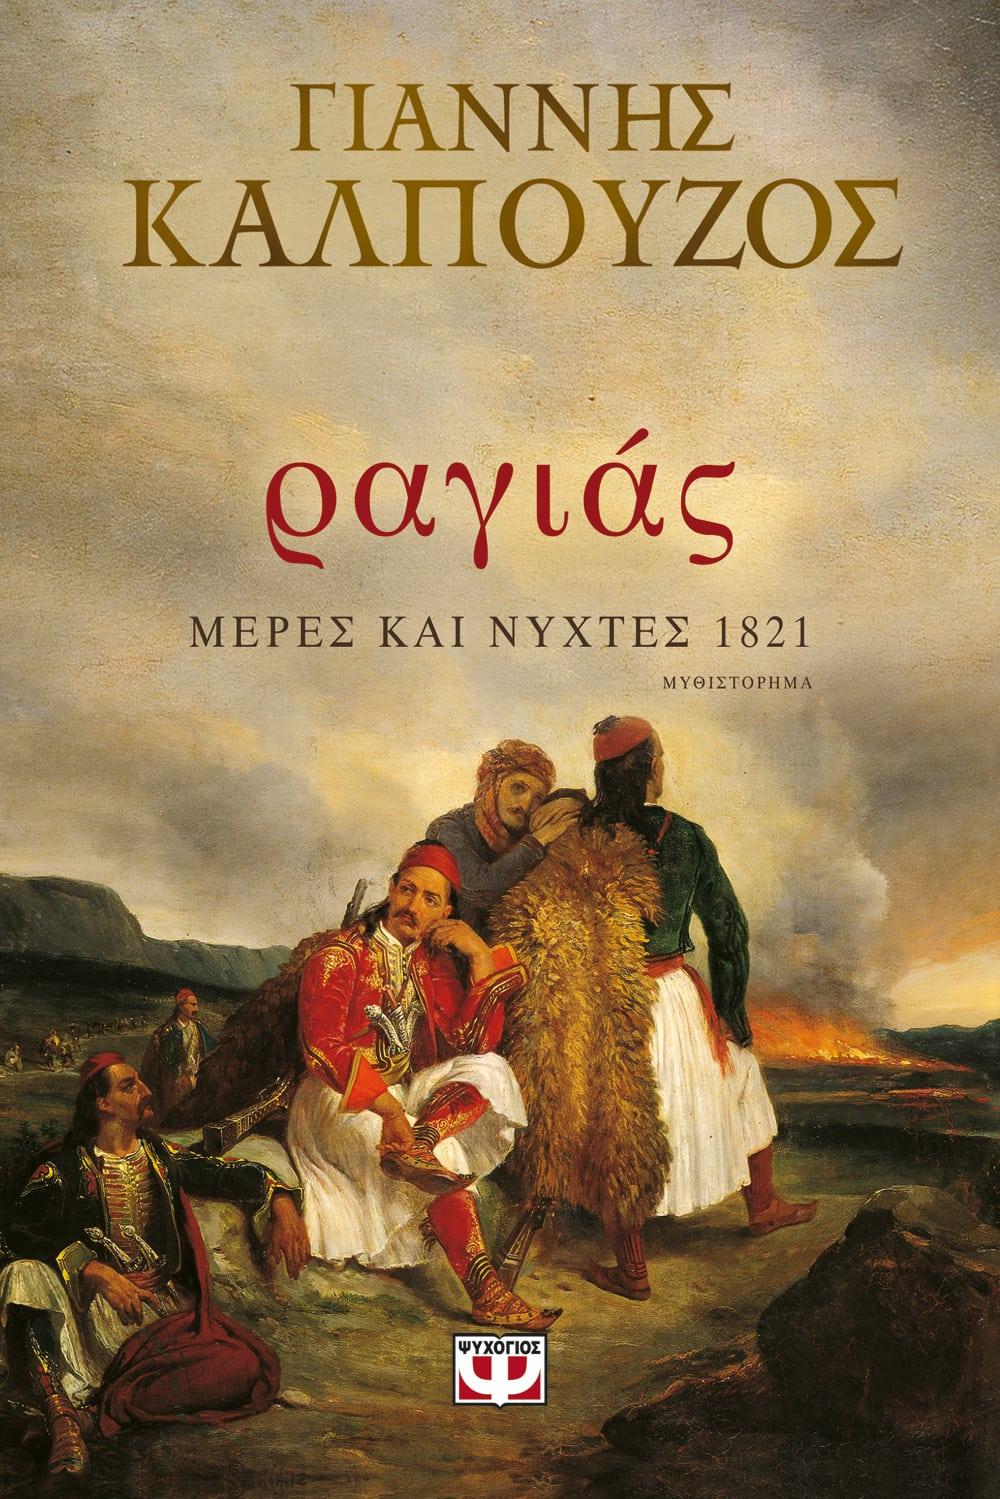 Ραγιάς. Μέρες και Νύχτες 1821, Γιάννης Καλπούζος, Εκδόσεις Ψυχογιός